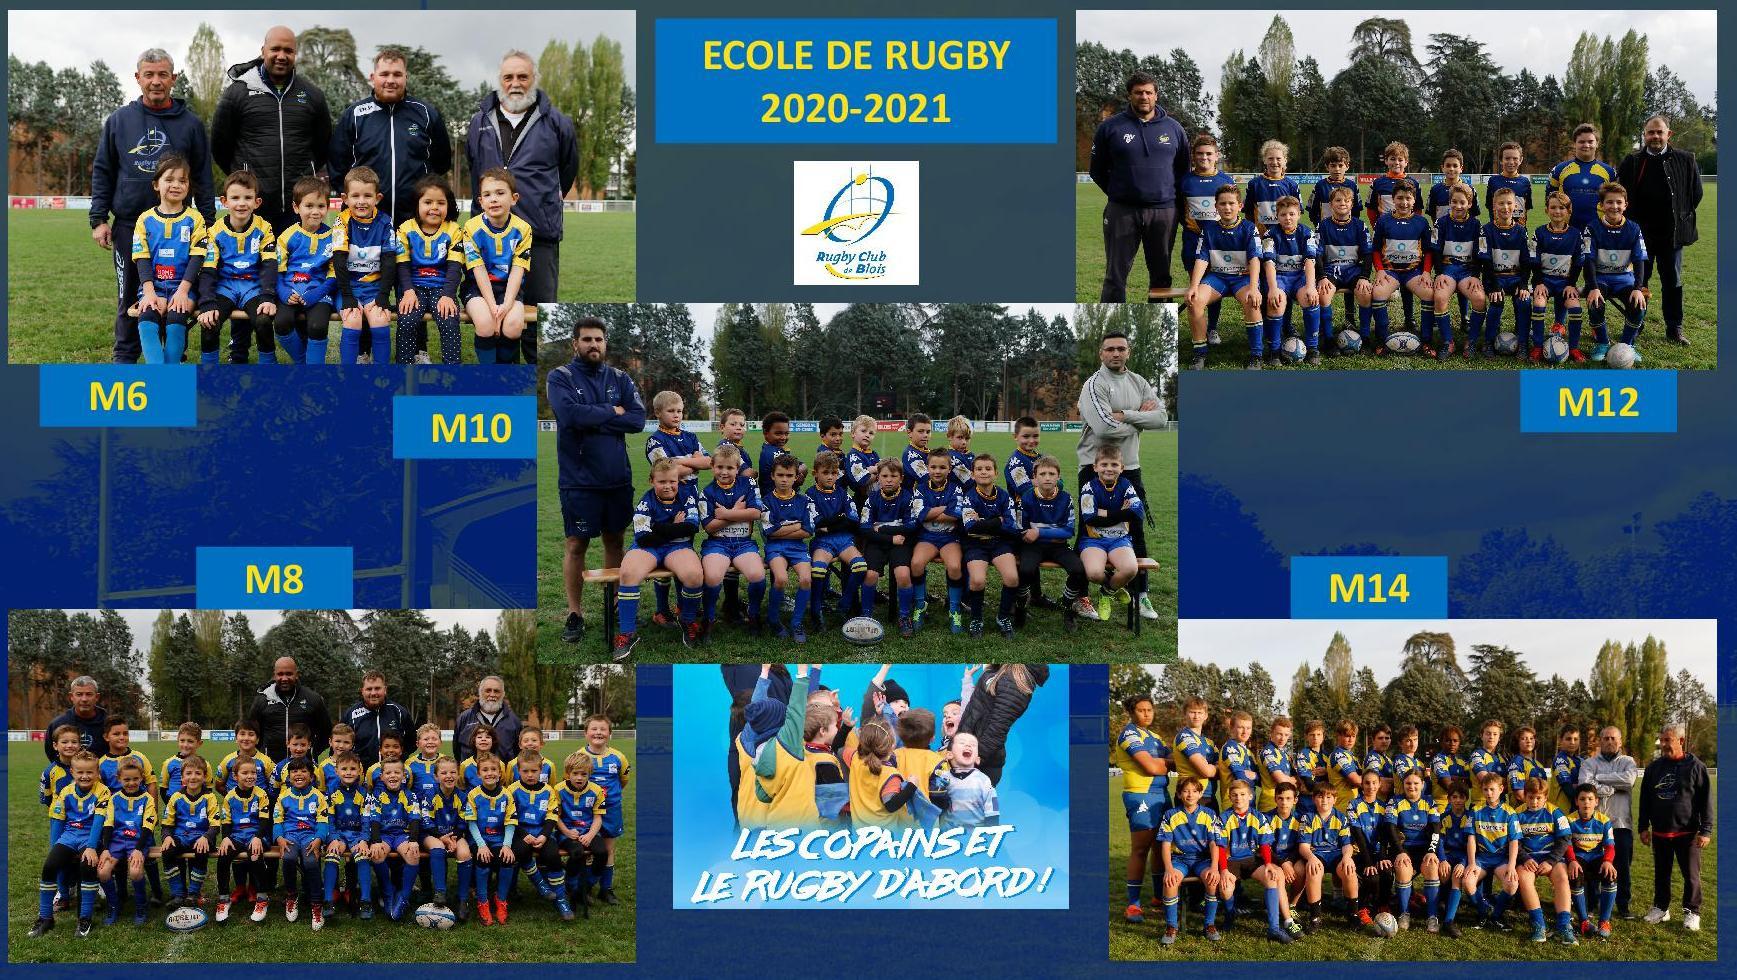 L'Ecole de Rugby du RC Blois vous présente les photos des équipes 2020-2021